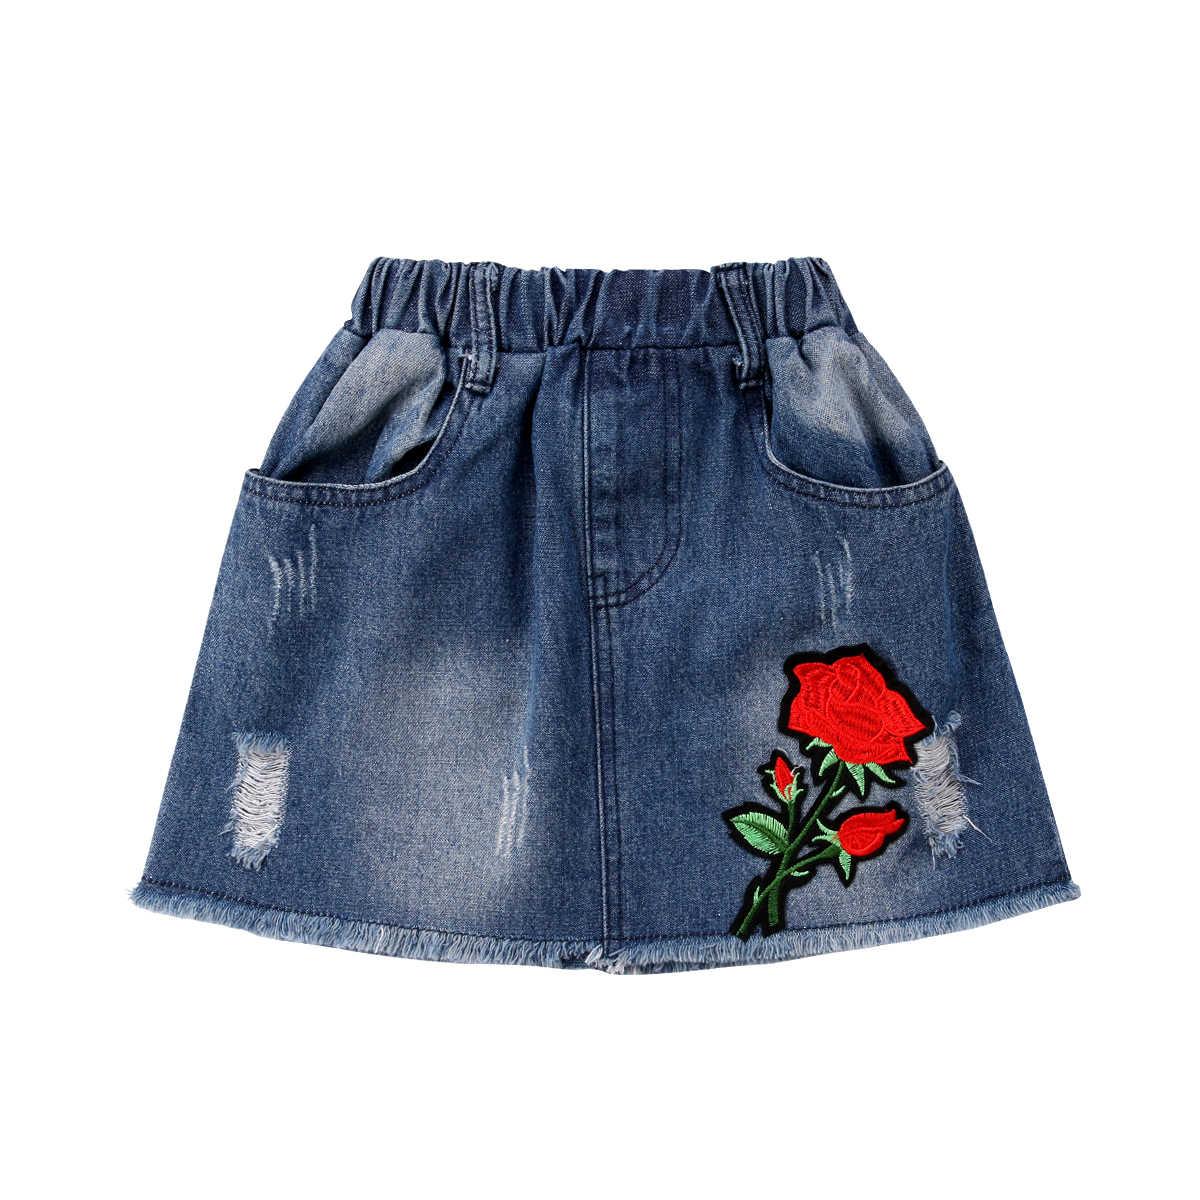 2018 nowa moda maluch dziewczynka spódnice Denim zgrywanie krótki letni na co dzień w pasie dżinsy lato dziki śliczny uroczy CH